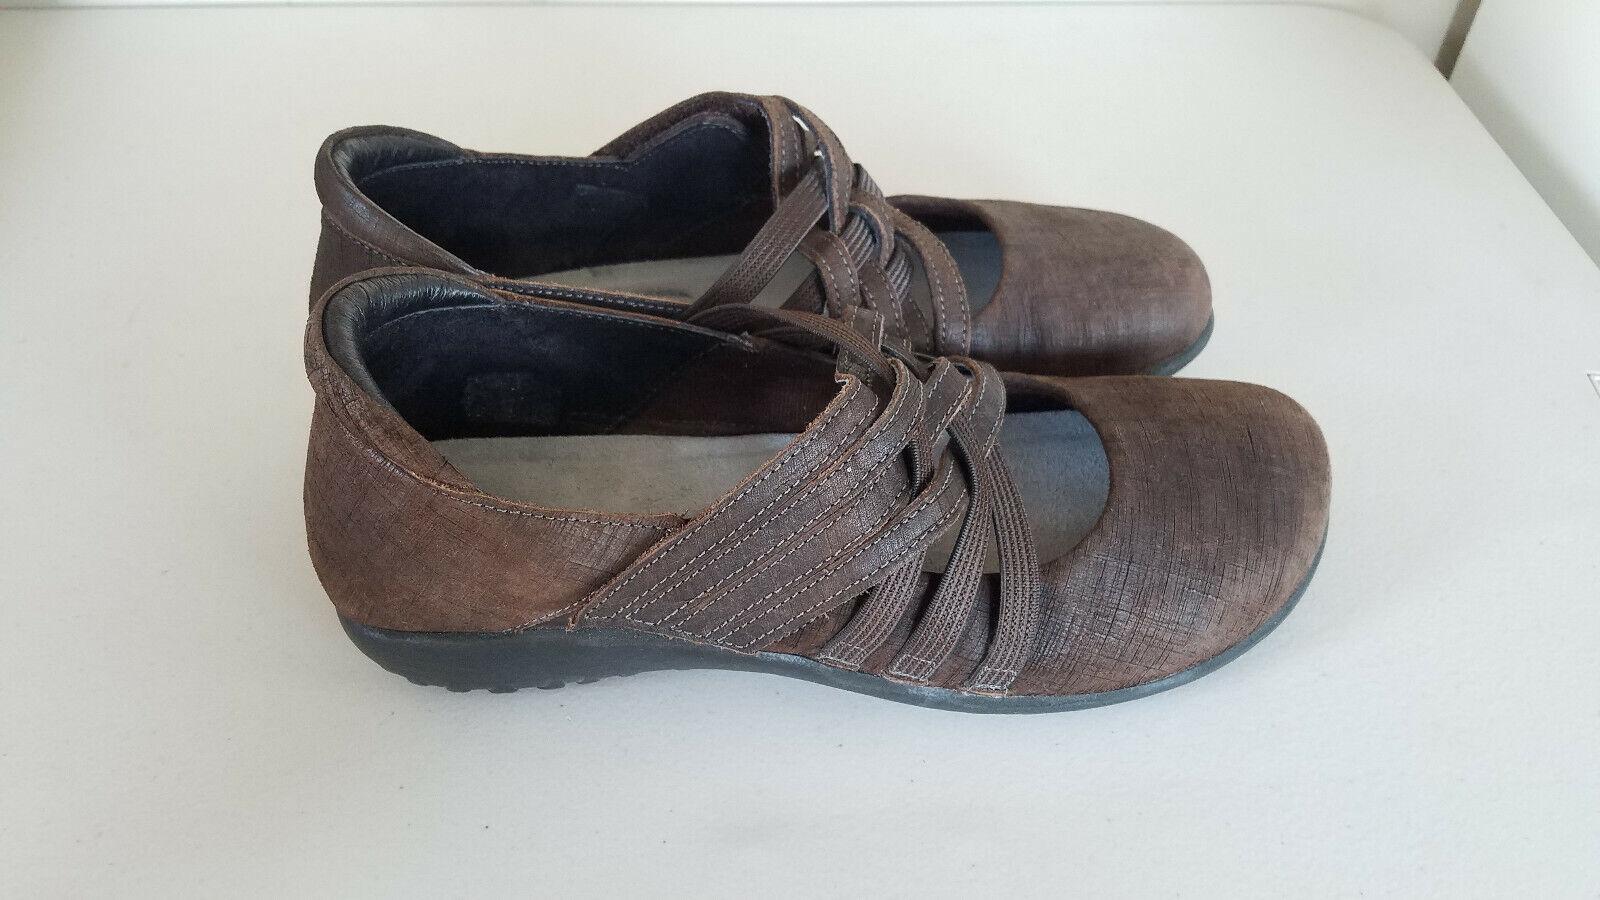 Naot Naot Naot kawaka Woven Strap Marrón Mary Jane Tacón Bajo Talla 39 US 8 Zapatos  estilo clásico